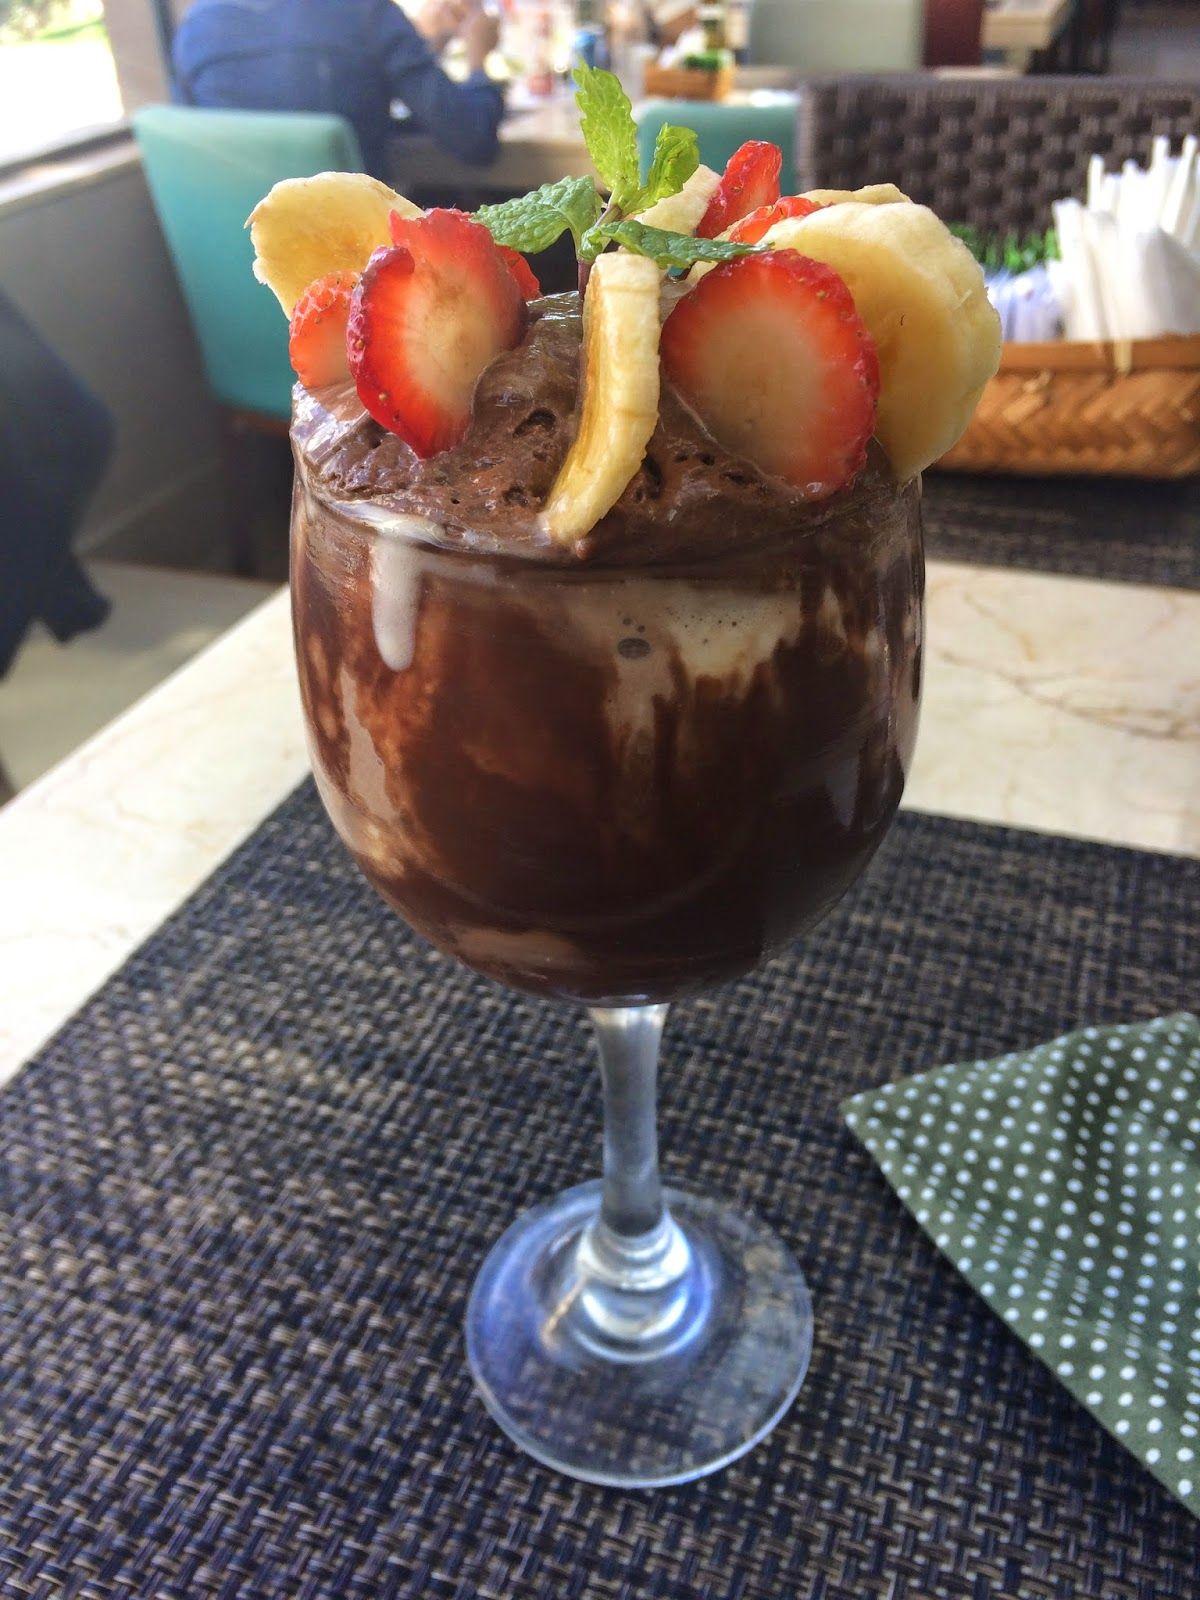 Mousse Cake Almoco Campinas Sp Com Imagens Drinks Receitas Receitas Mousse